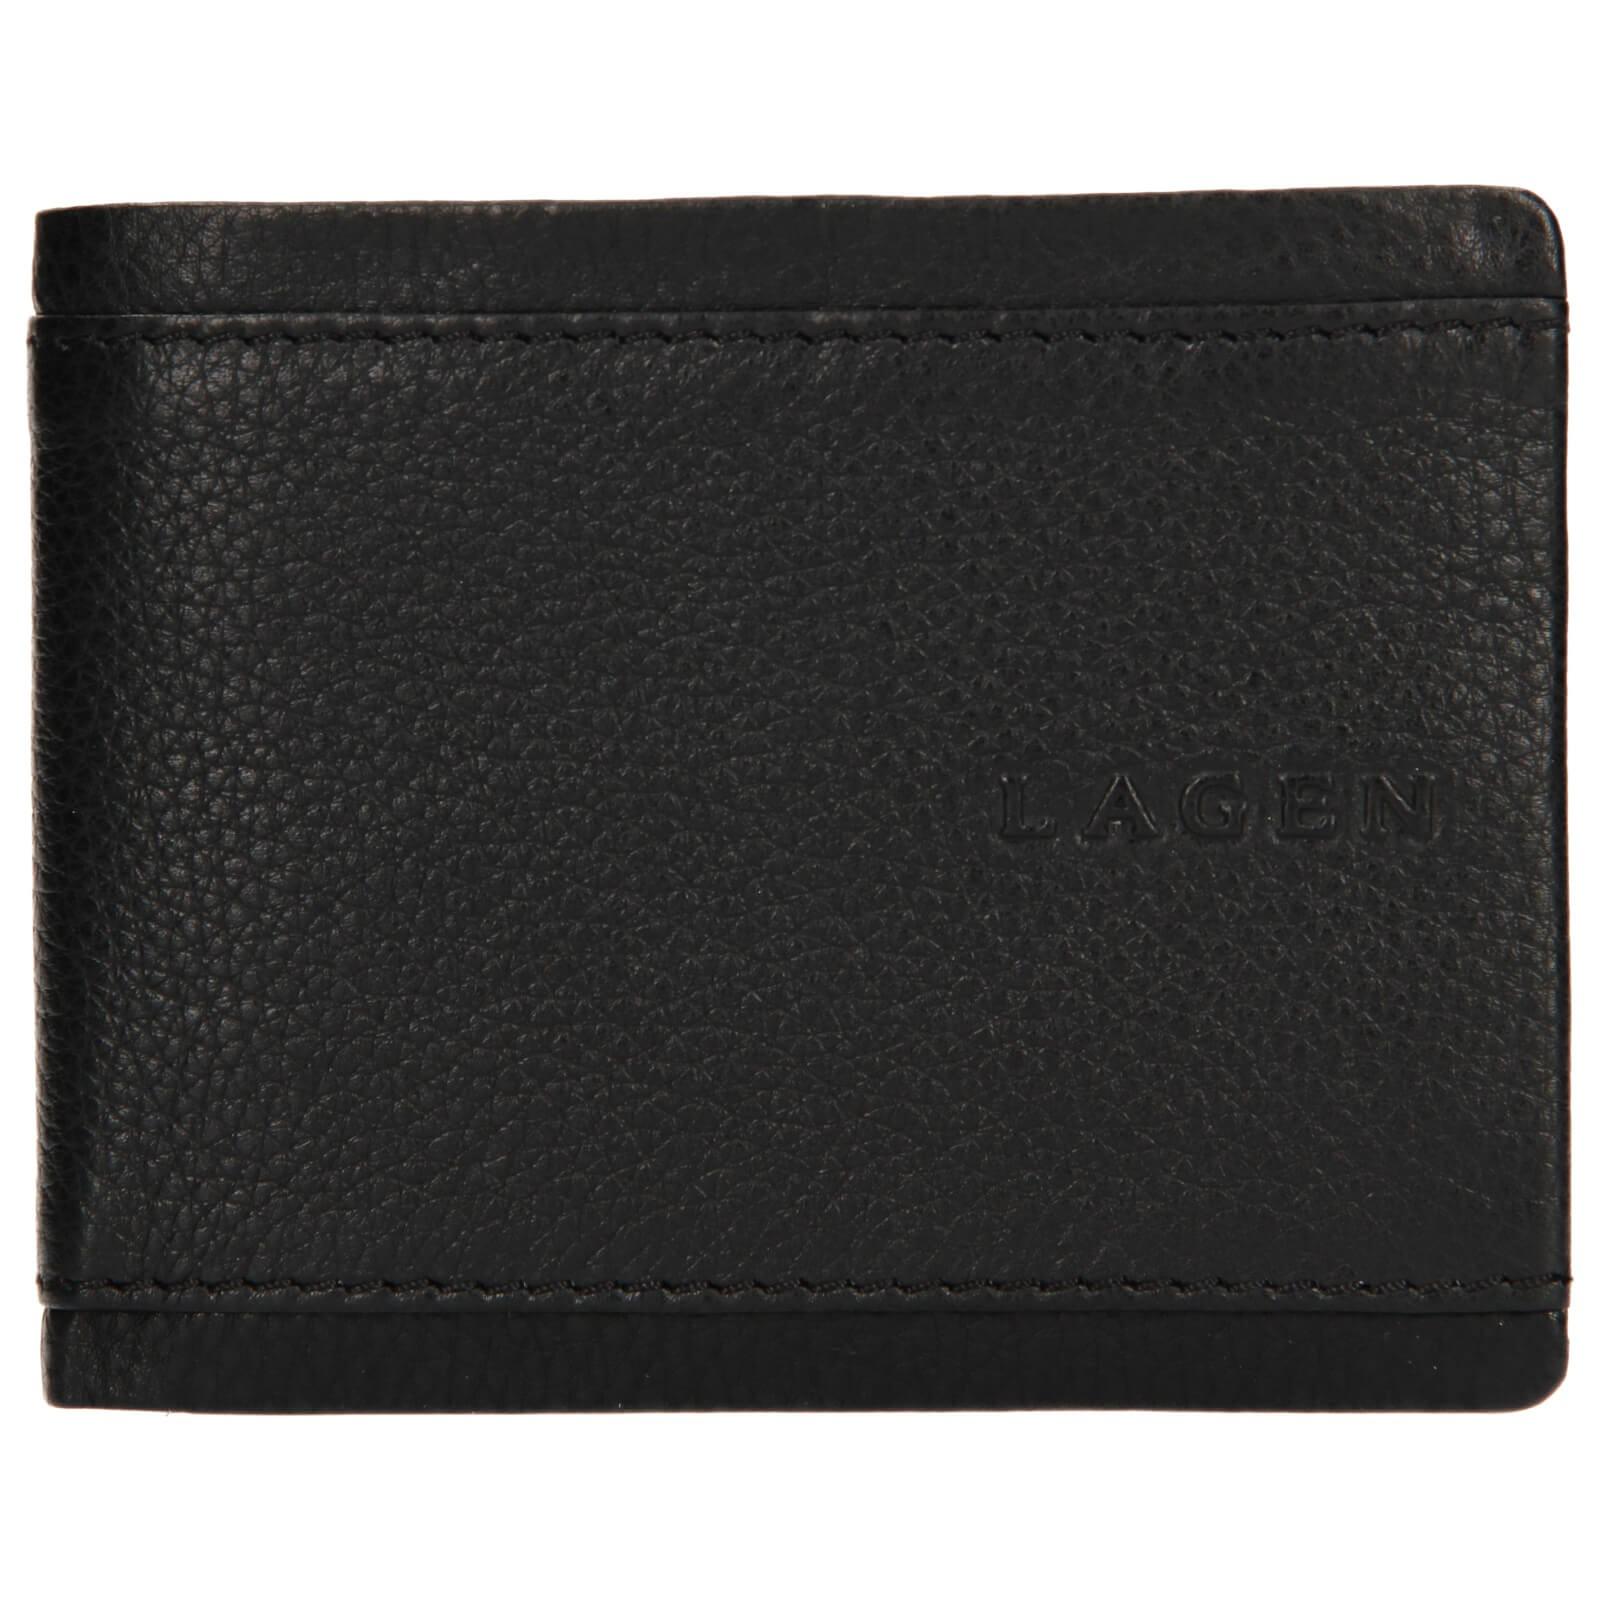 Pánska kožená peňaženka Lagen Luke - čierna